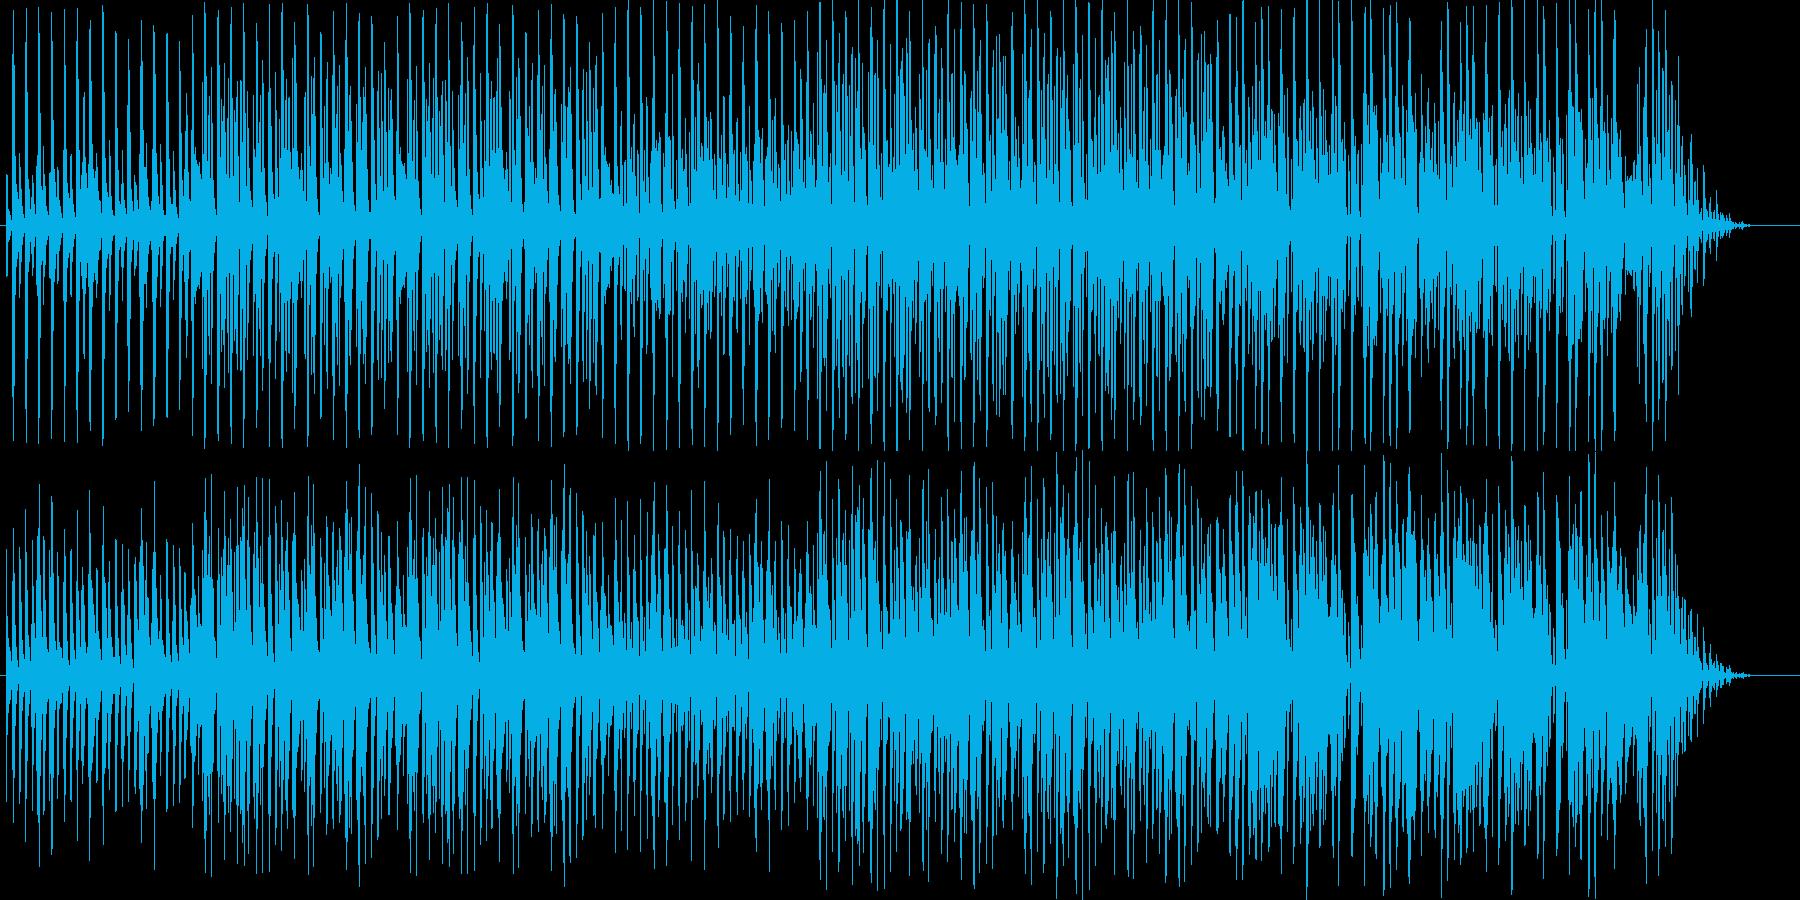 のんびりした日常系ループBGMの再生済みの波形